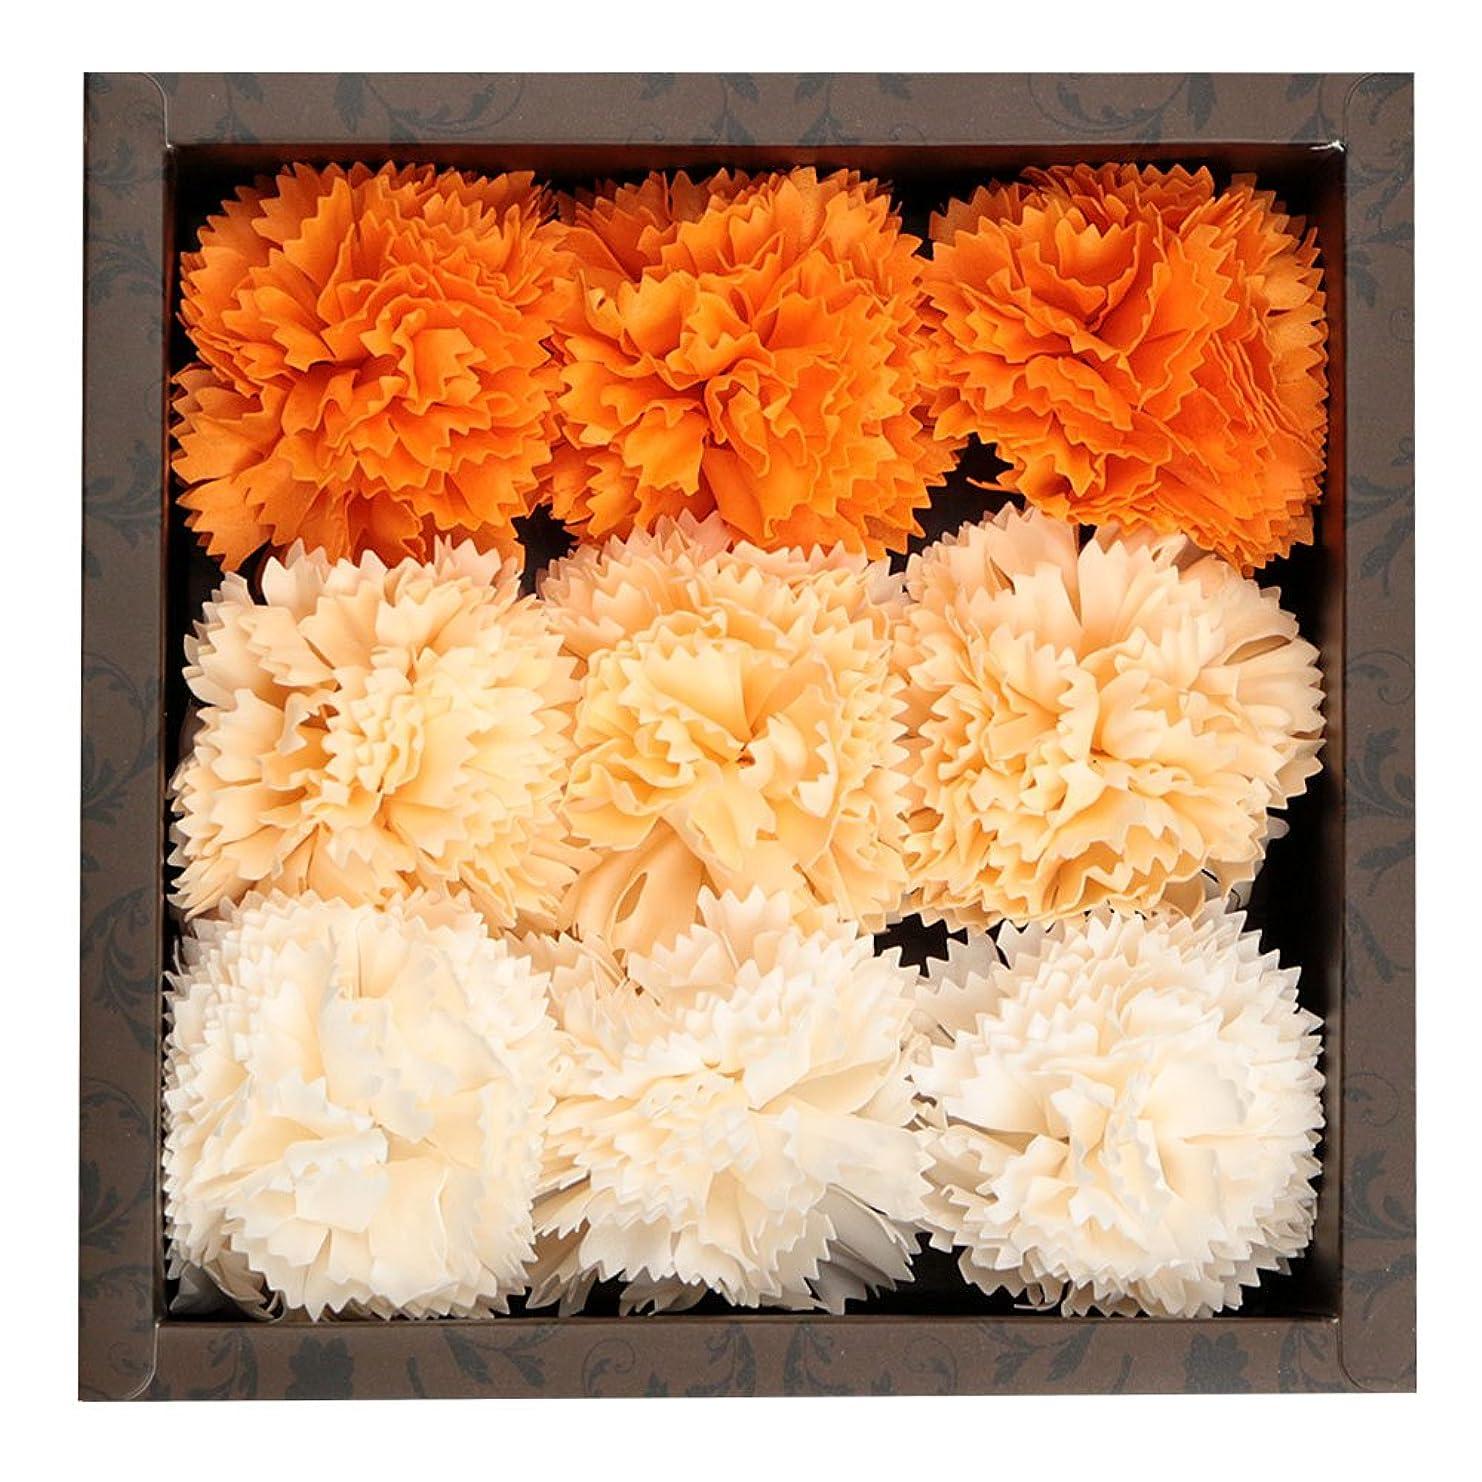 (キステ)Kisste 入浴剤 フラワーフレグランス*Carnation*~石鹸の香り~ 5-3-01955